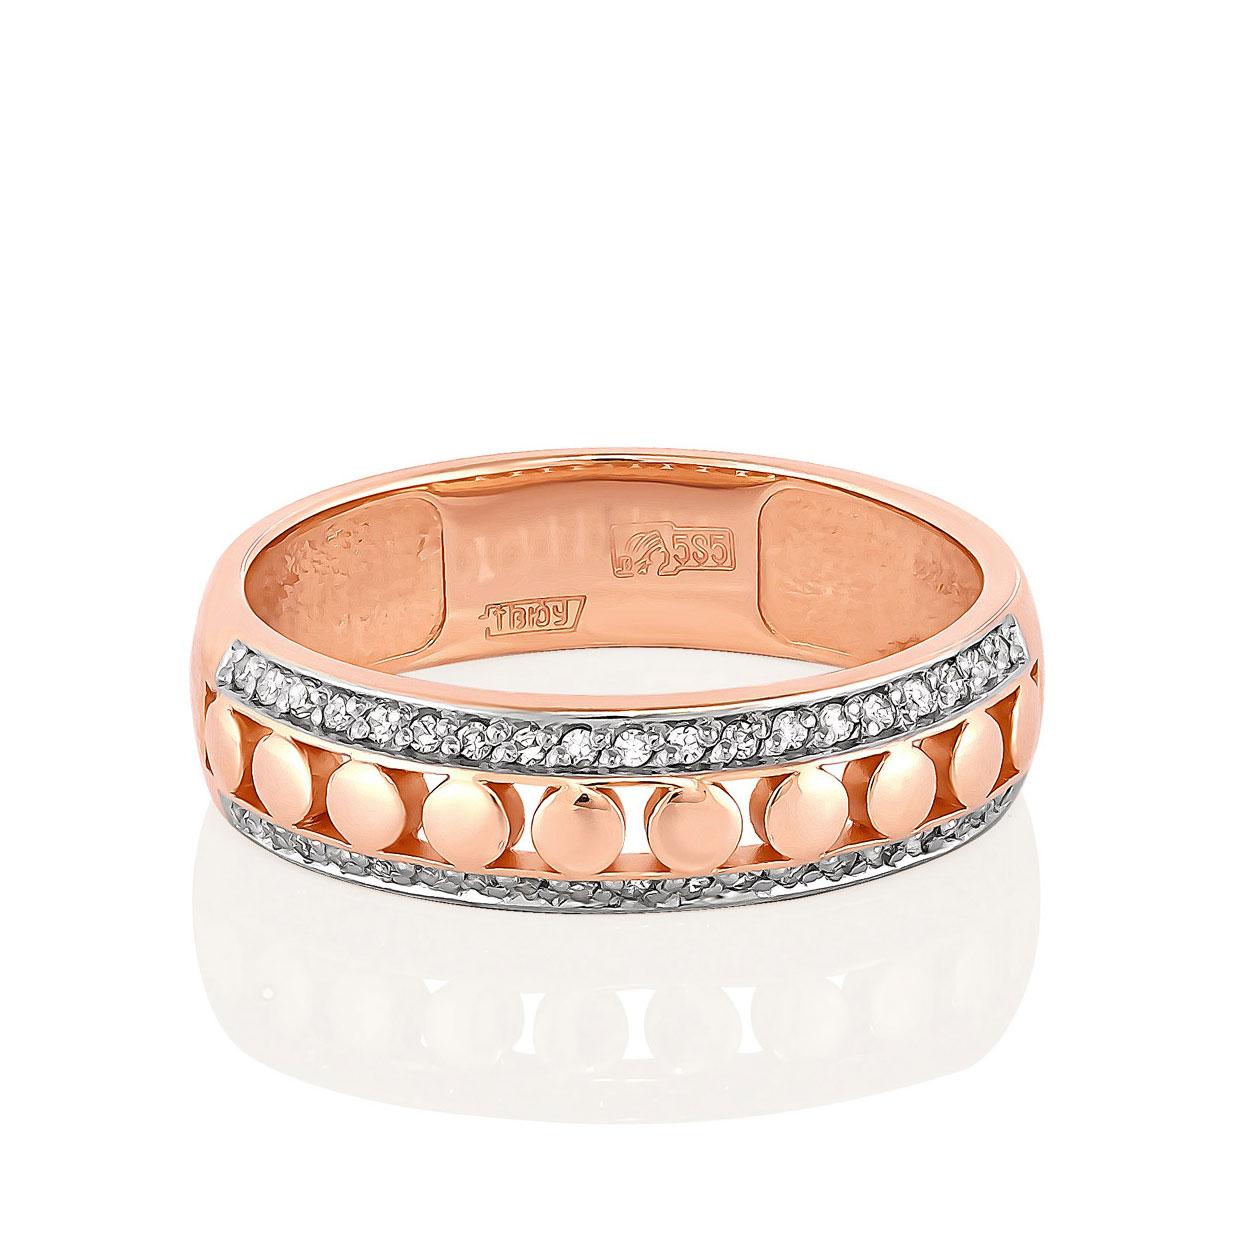 Обручальное кольцо из золота с бриллиантом арт. 1-0424-1000 1-0424-1000